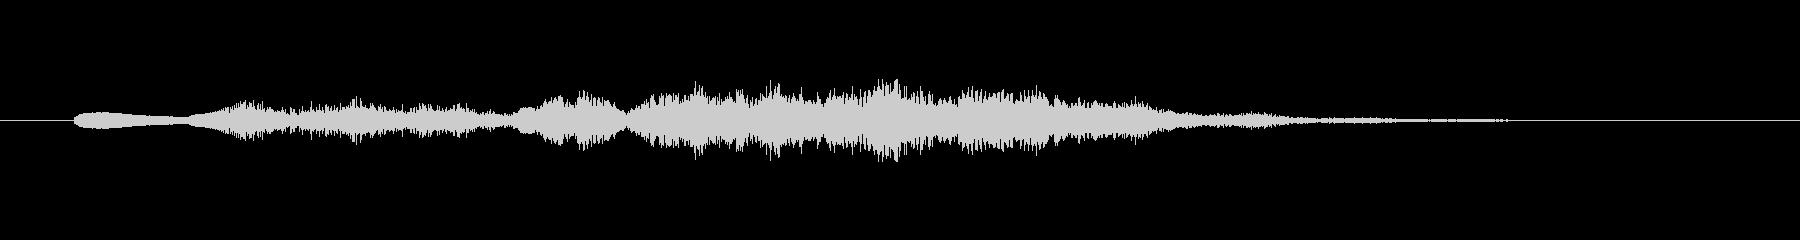 シンセのふわふわしたサウンドロゴの未再生の波形